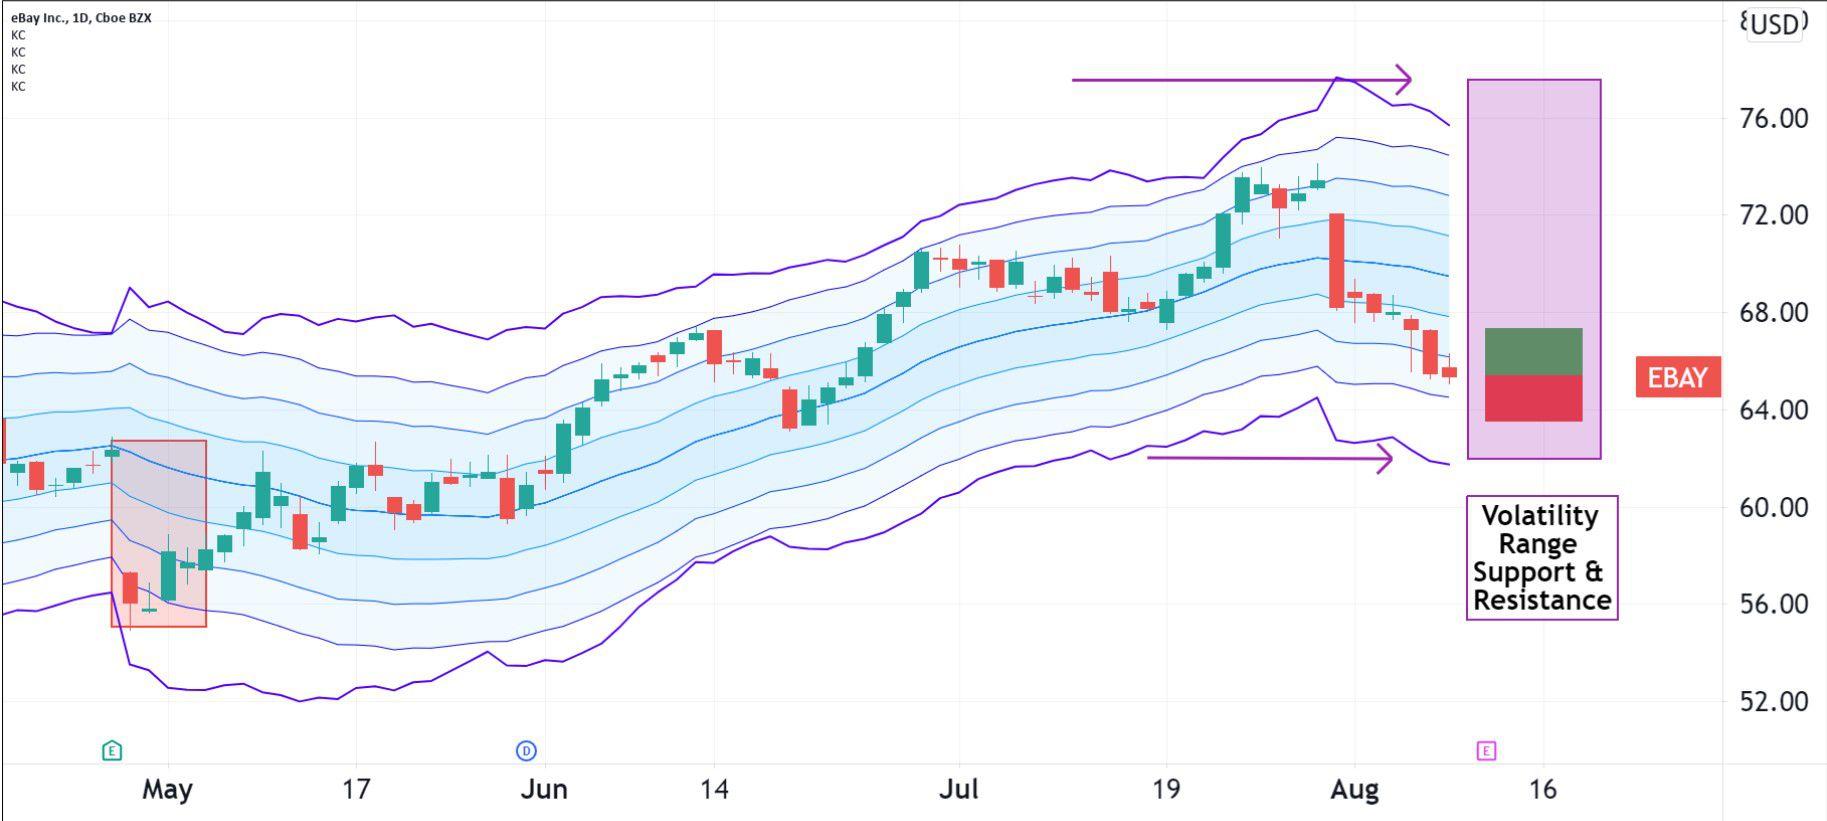 Volatility pattern for eBay Inc. (EBAY)